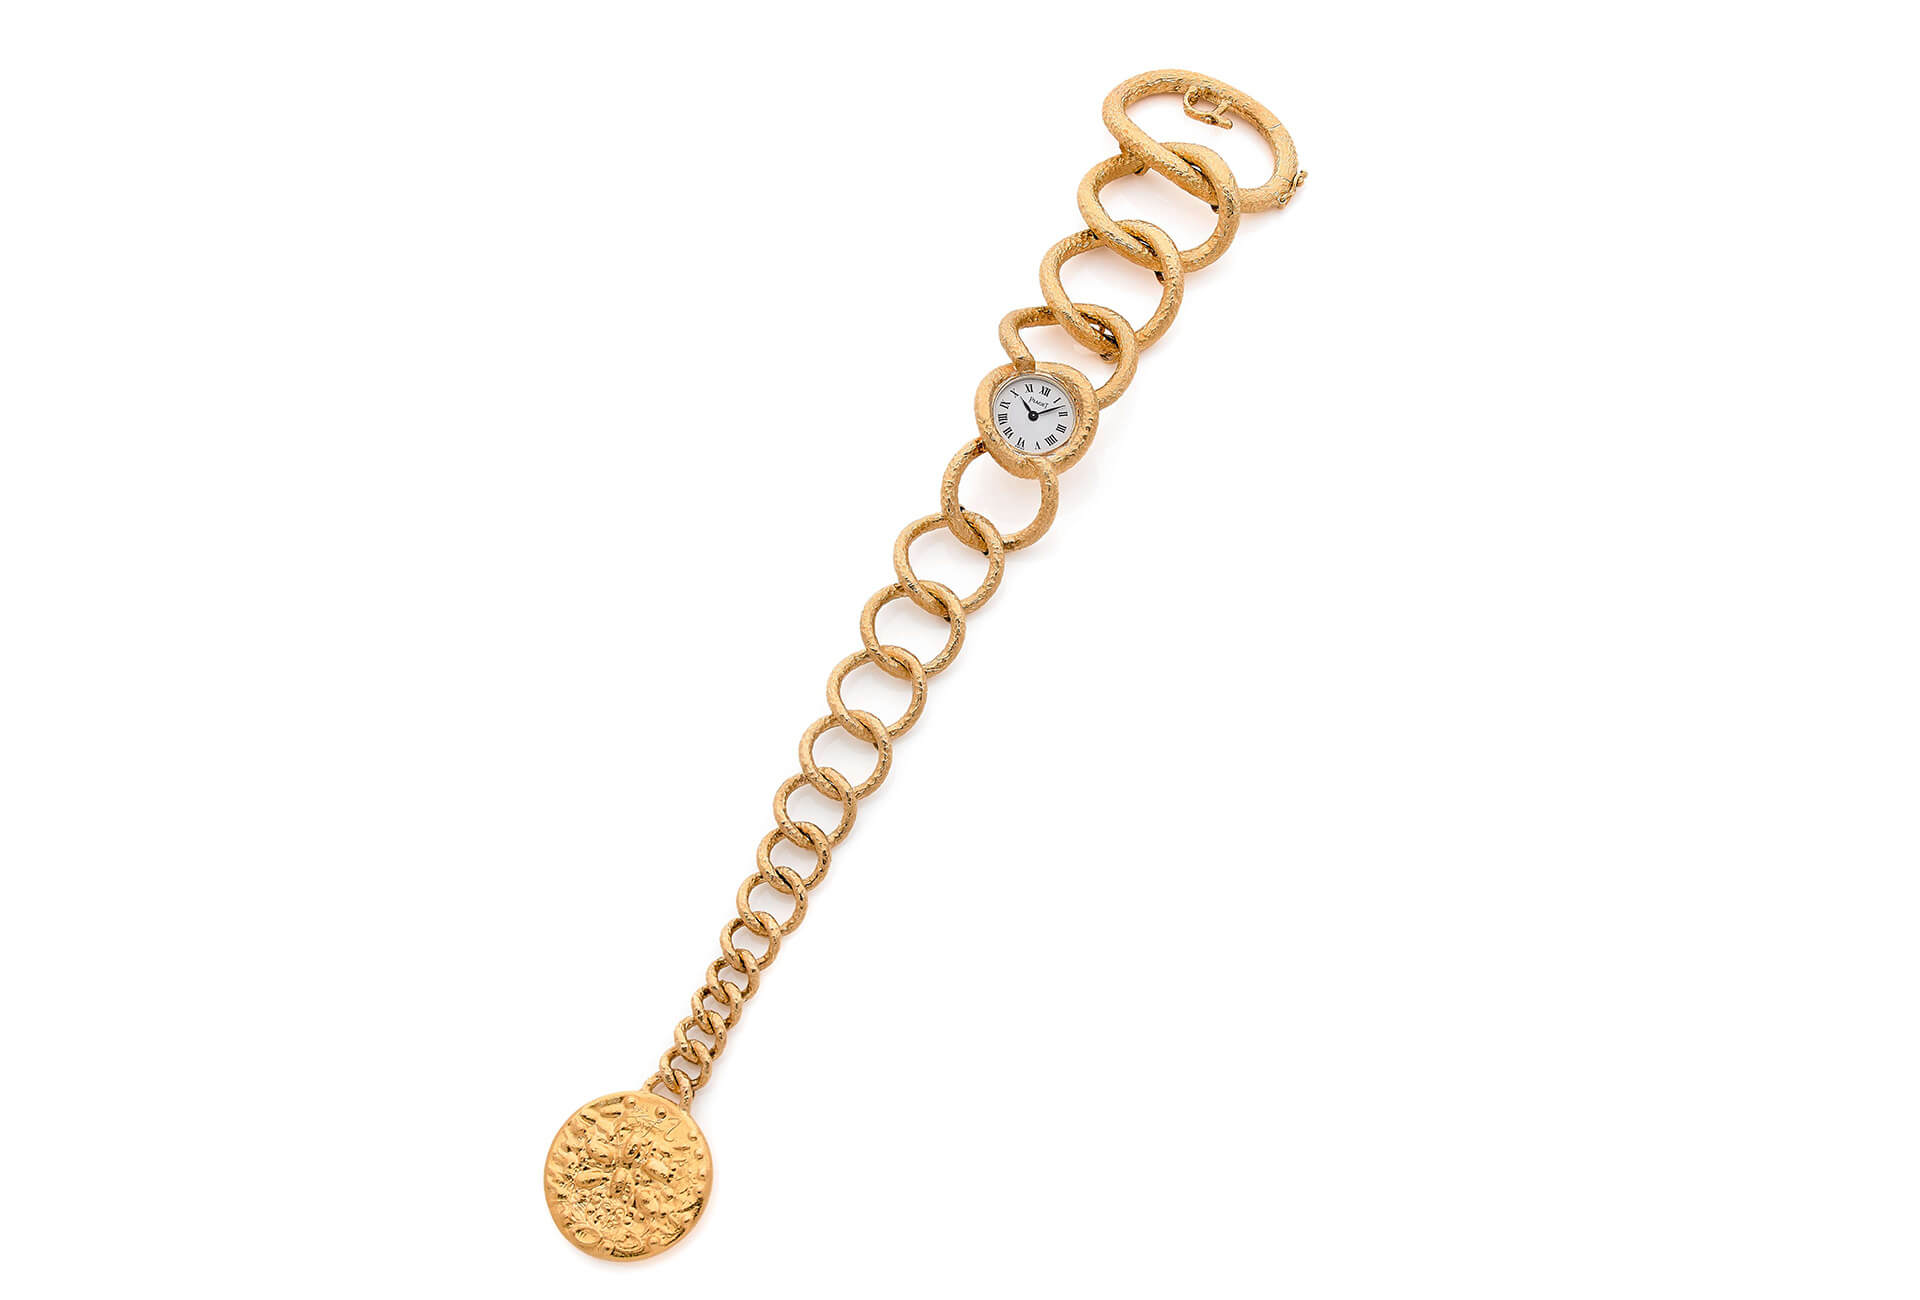 cac914b19a306 Piaget montre bracelet de dame à remontage manuel en or jaune 18k avec  pièce de monnaie